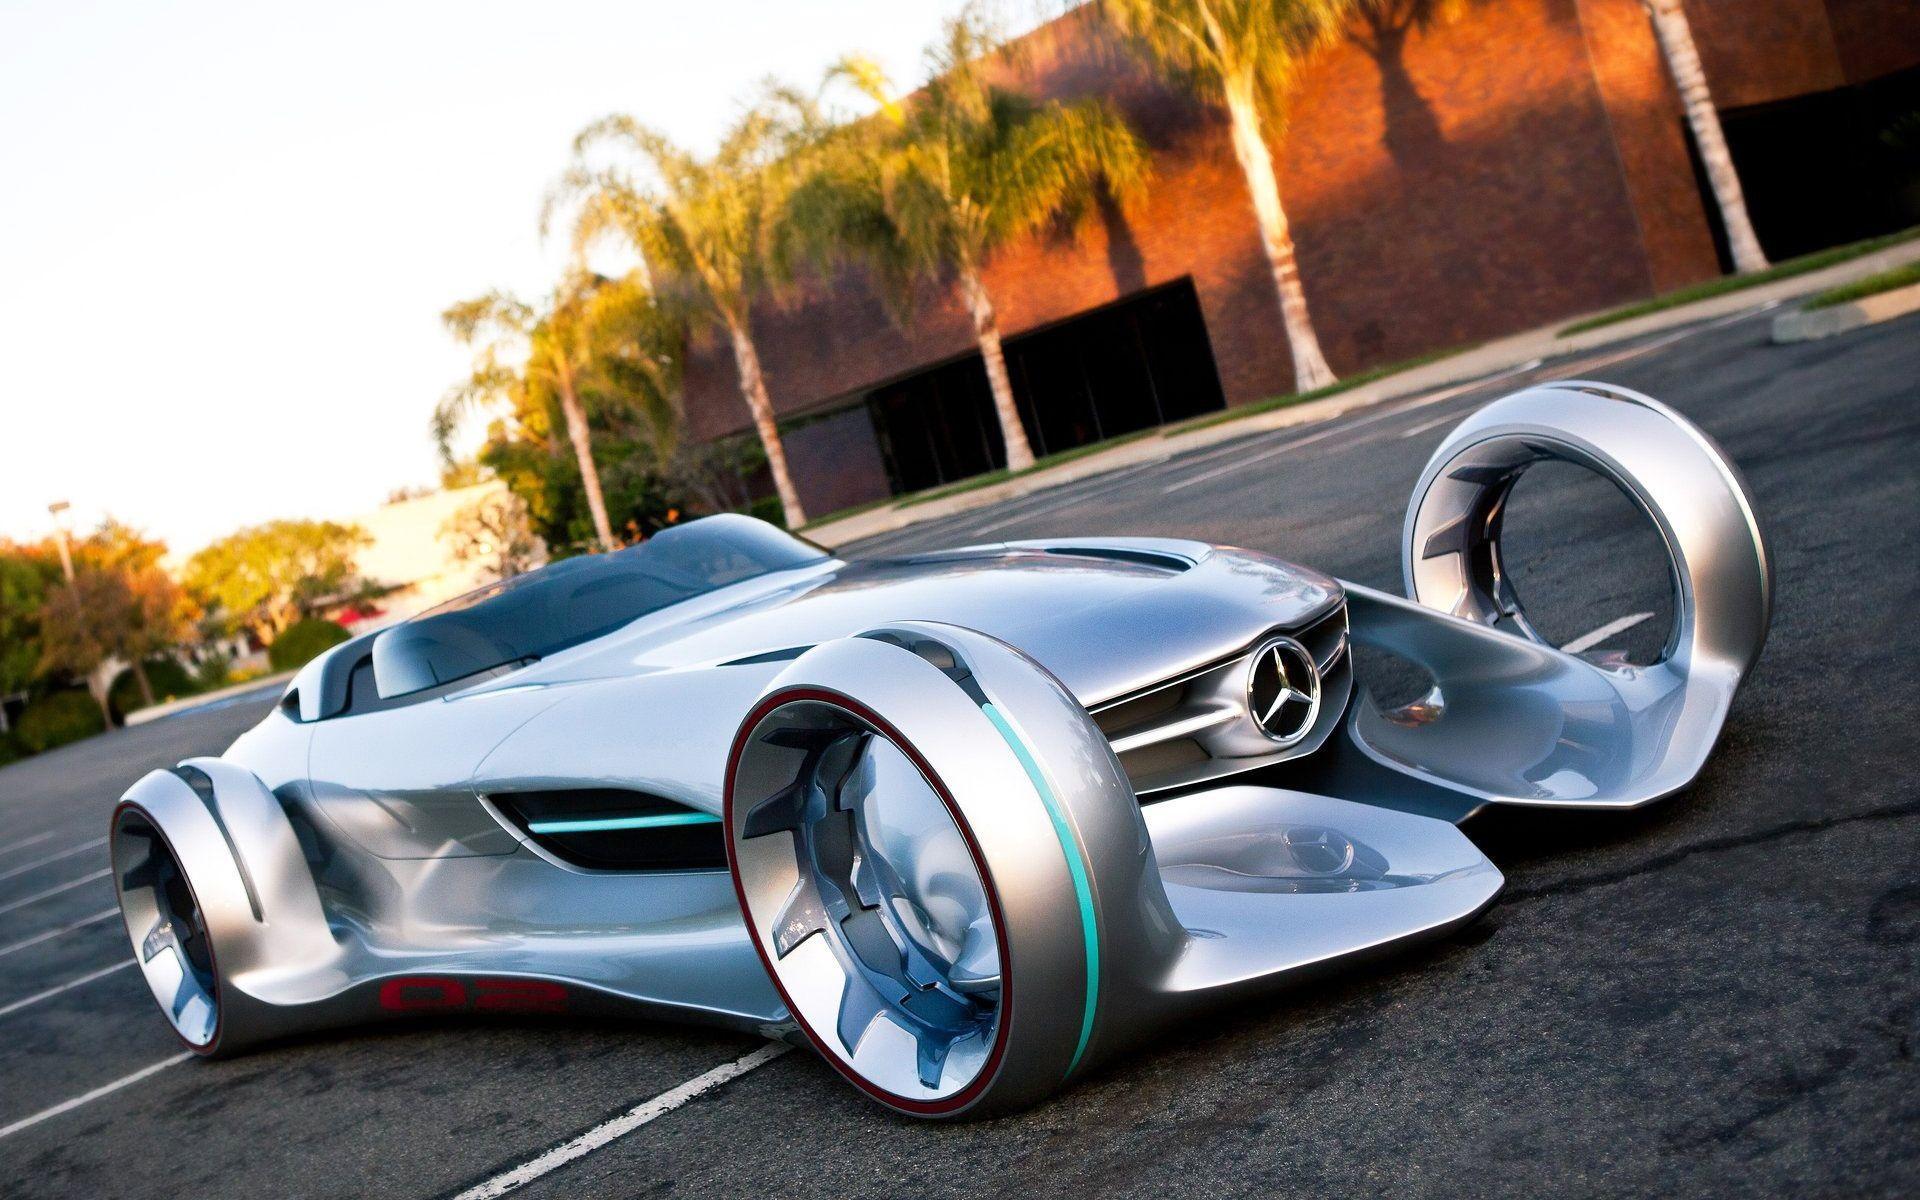 Mercedes Benz Silver Lightning - wallpaper.